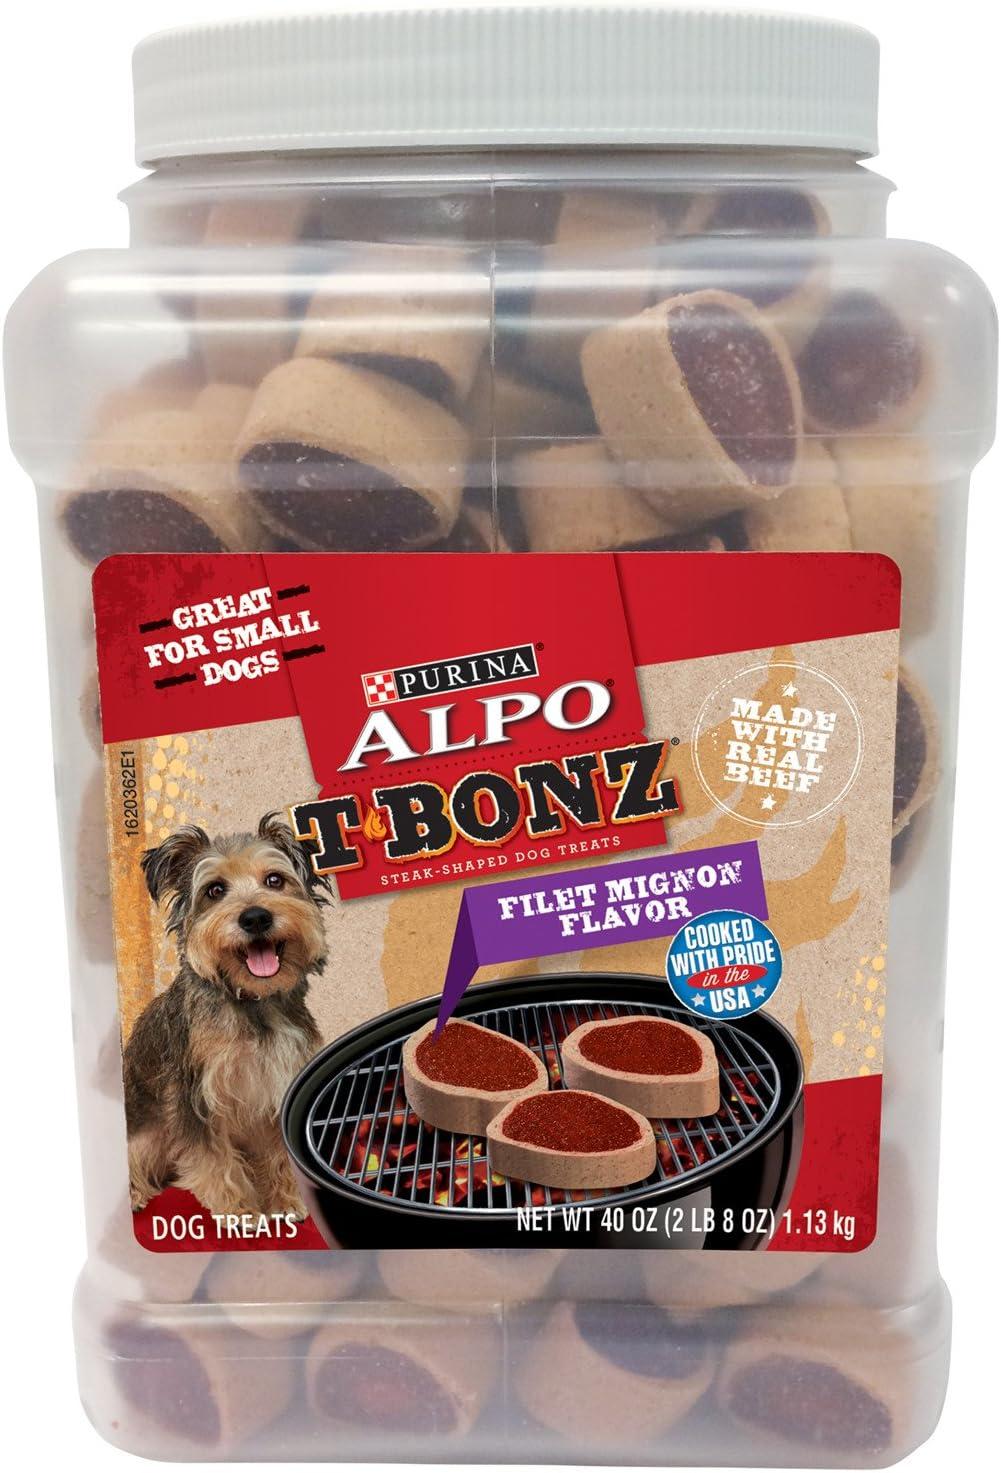 Purina Alpo T Bonz filet mignon  flavor  4.5 Oz 5 Pack Dog treats Food new